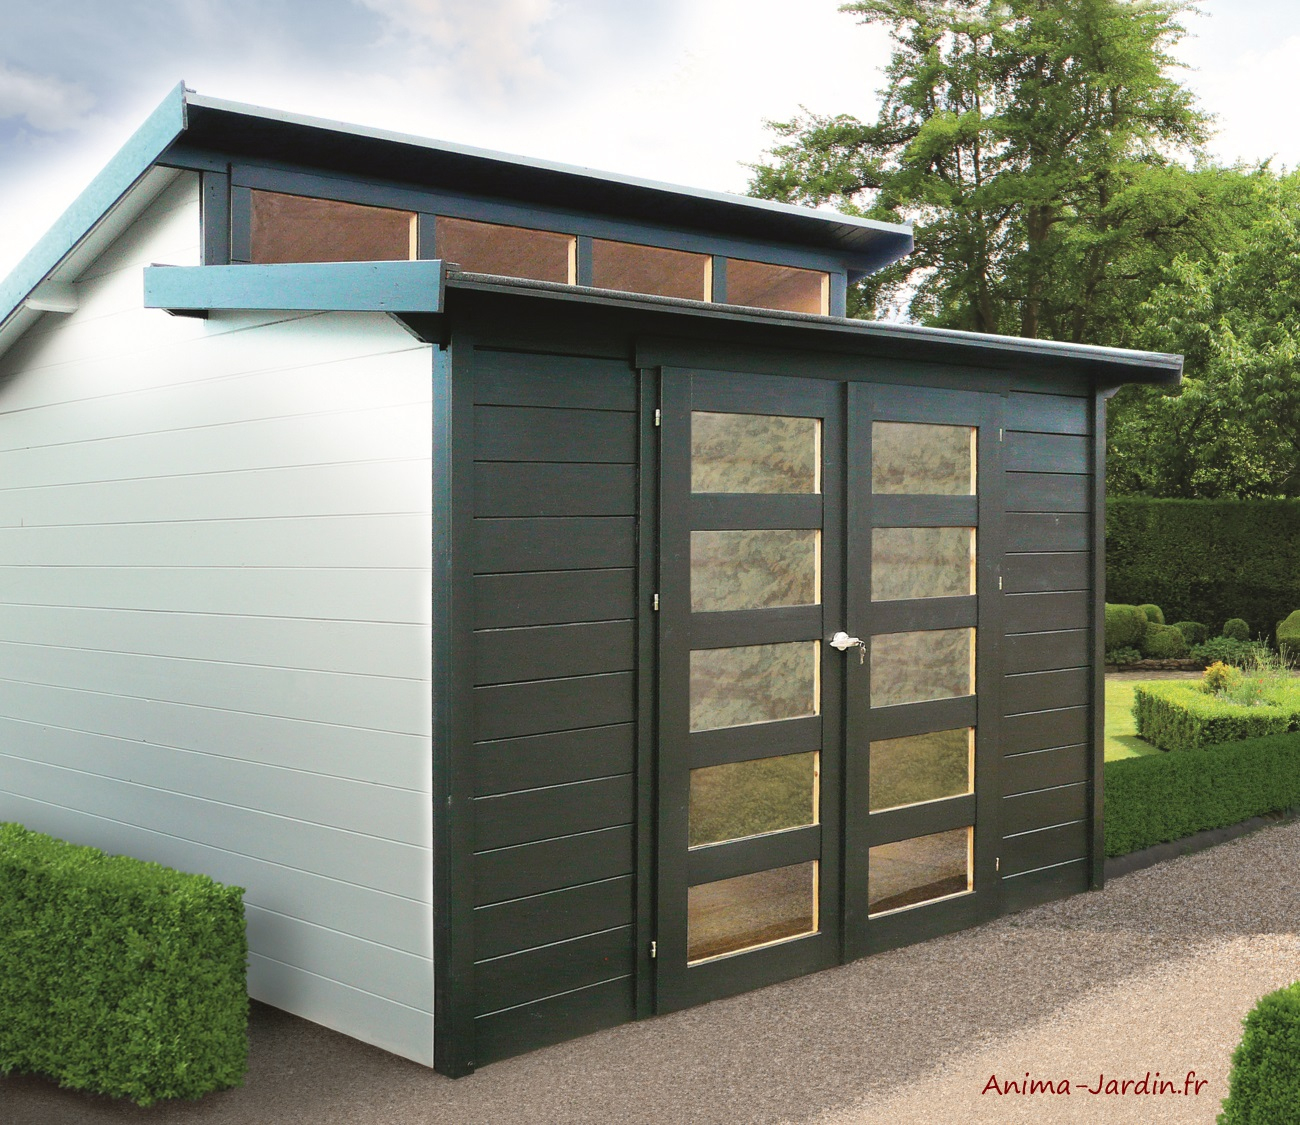 Abri De Jardin En Bois 28Mm, Milano, 9M², 2 Portes, Solid ... pour Abri De Jardin Metal Pas Cher